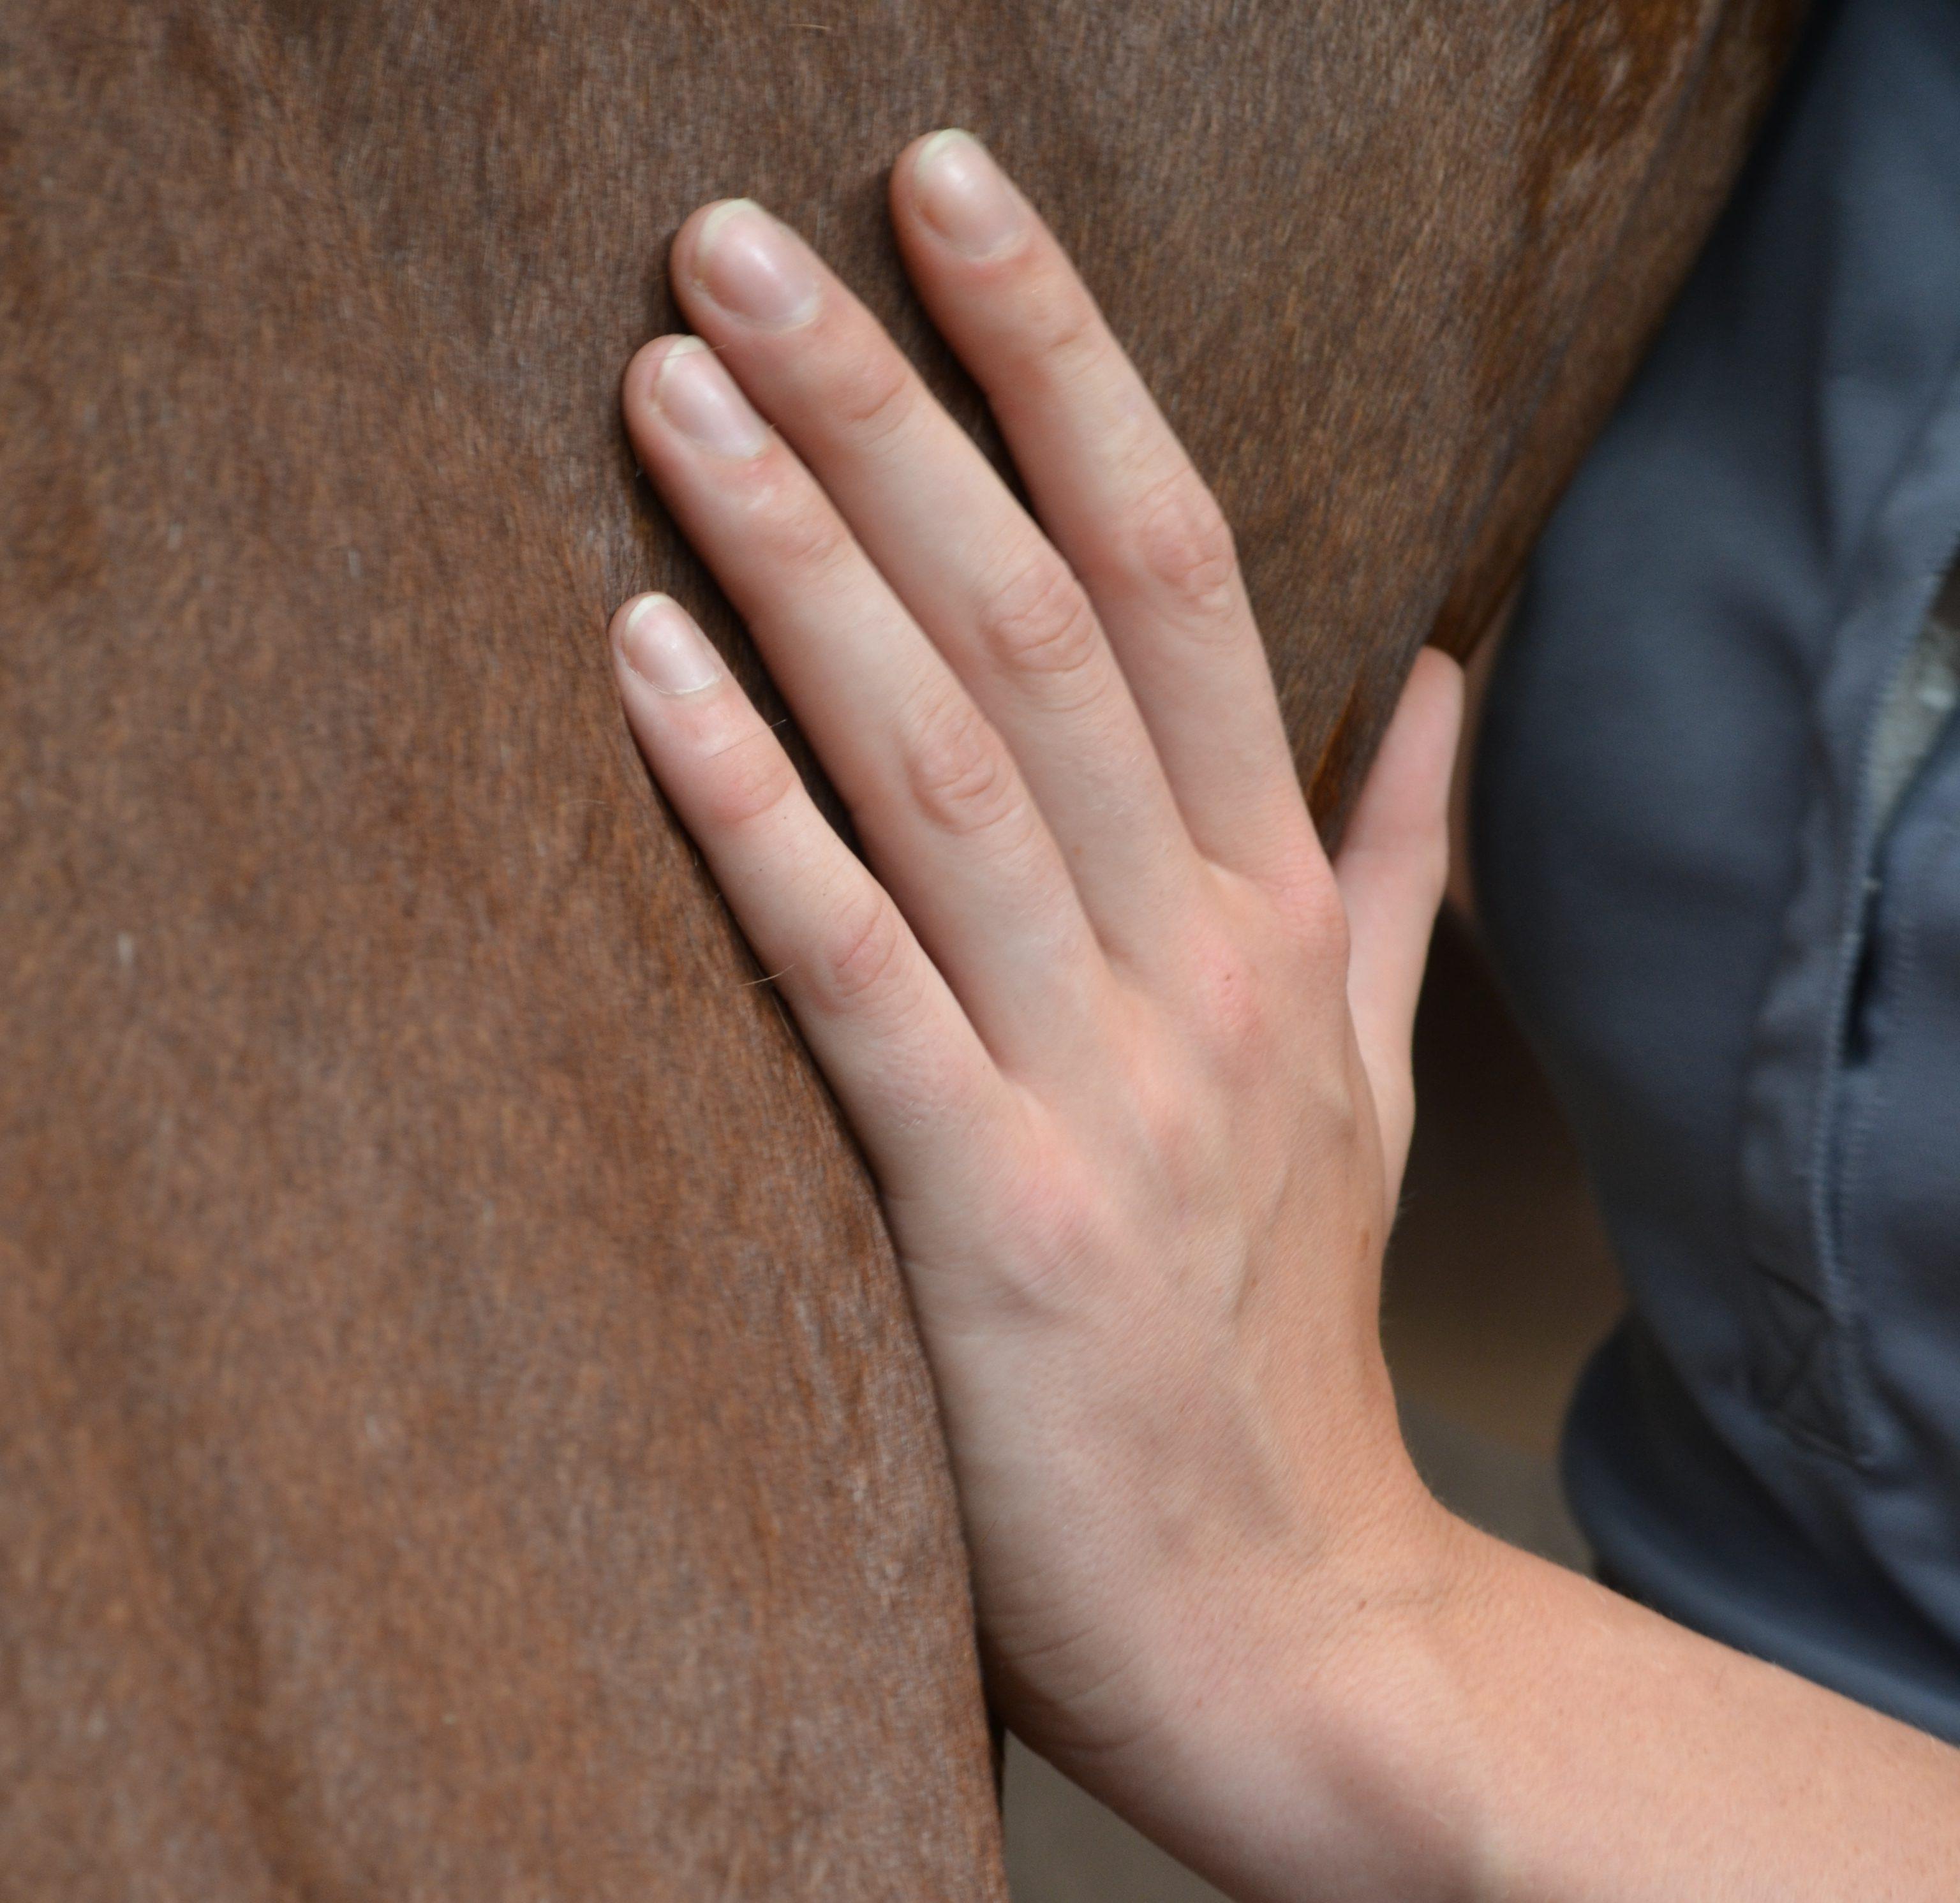 In welke gevallen mag een paard niet behandeld worden?